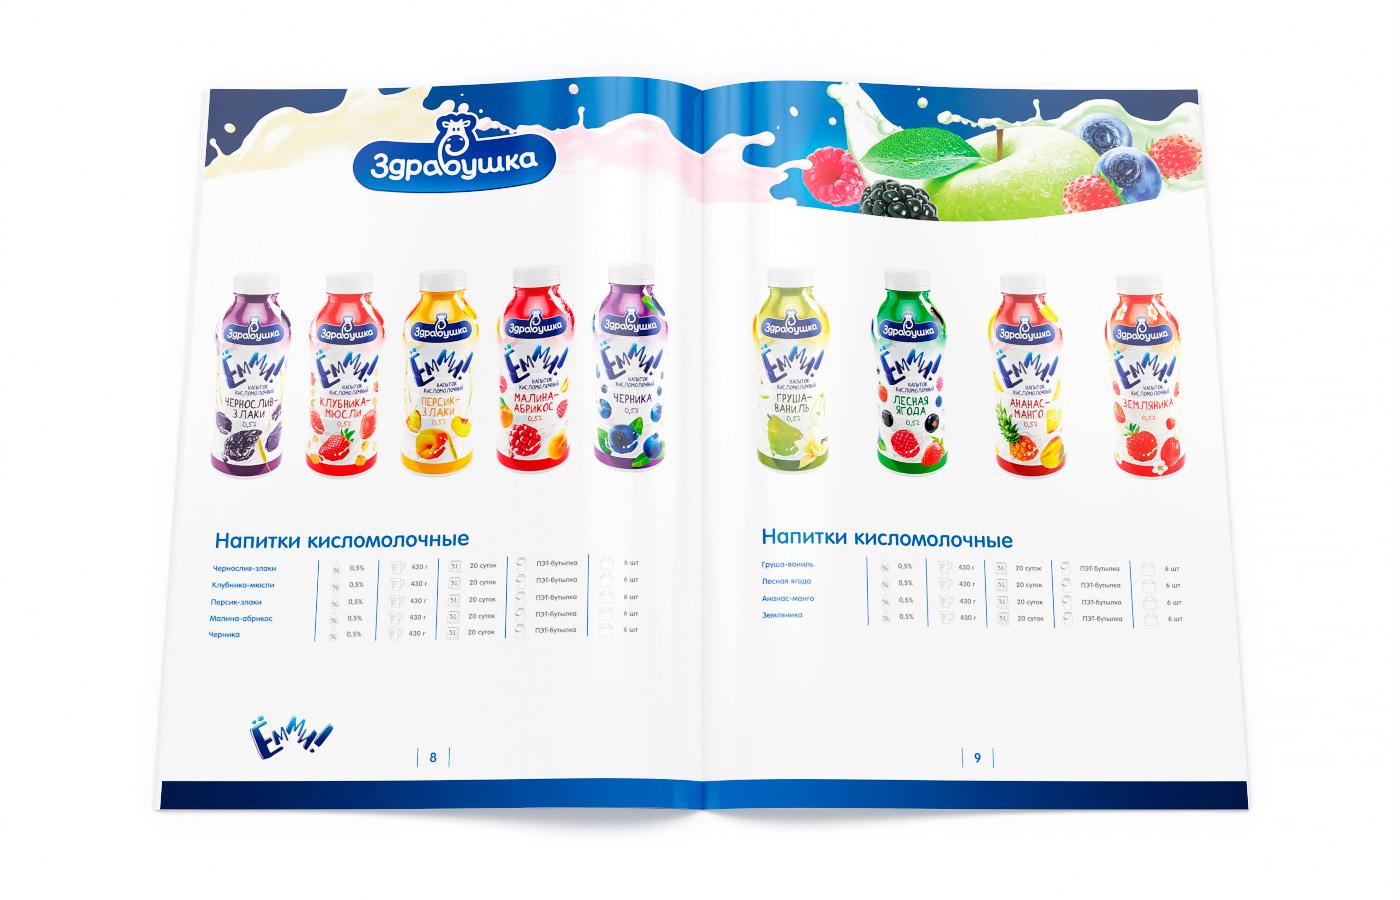 Здравушка-милк - каталог молочной продукции